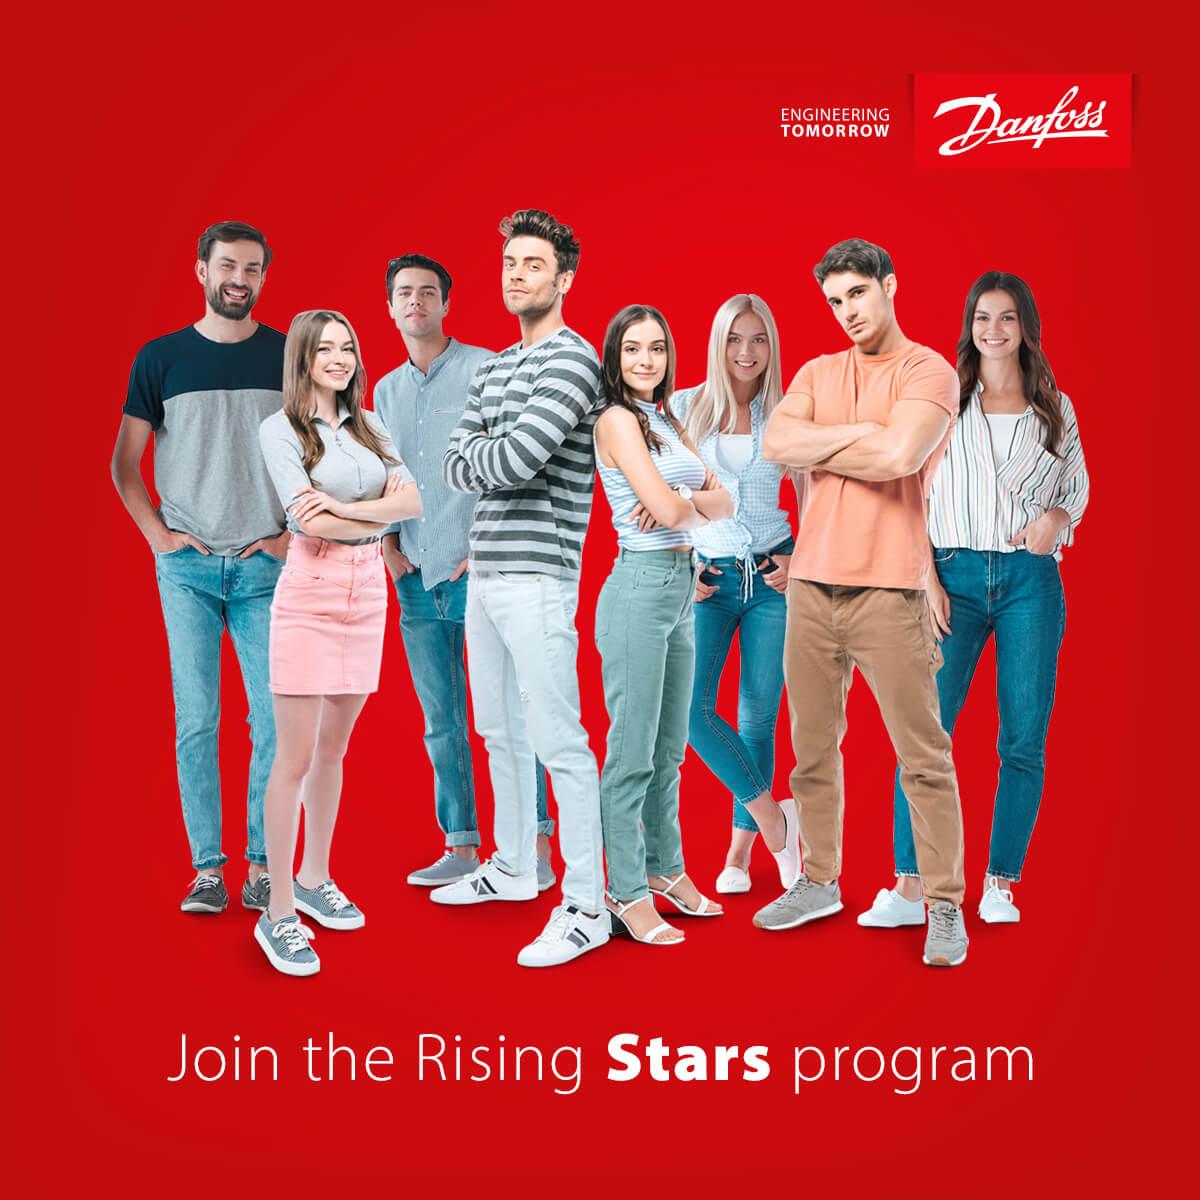 Danfoss Regional Rising Stars Program - Digital Marketing (Digital Customer Experience)